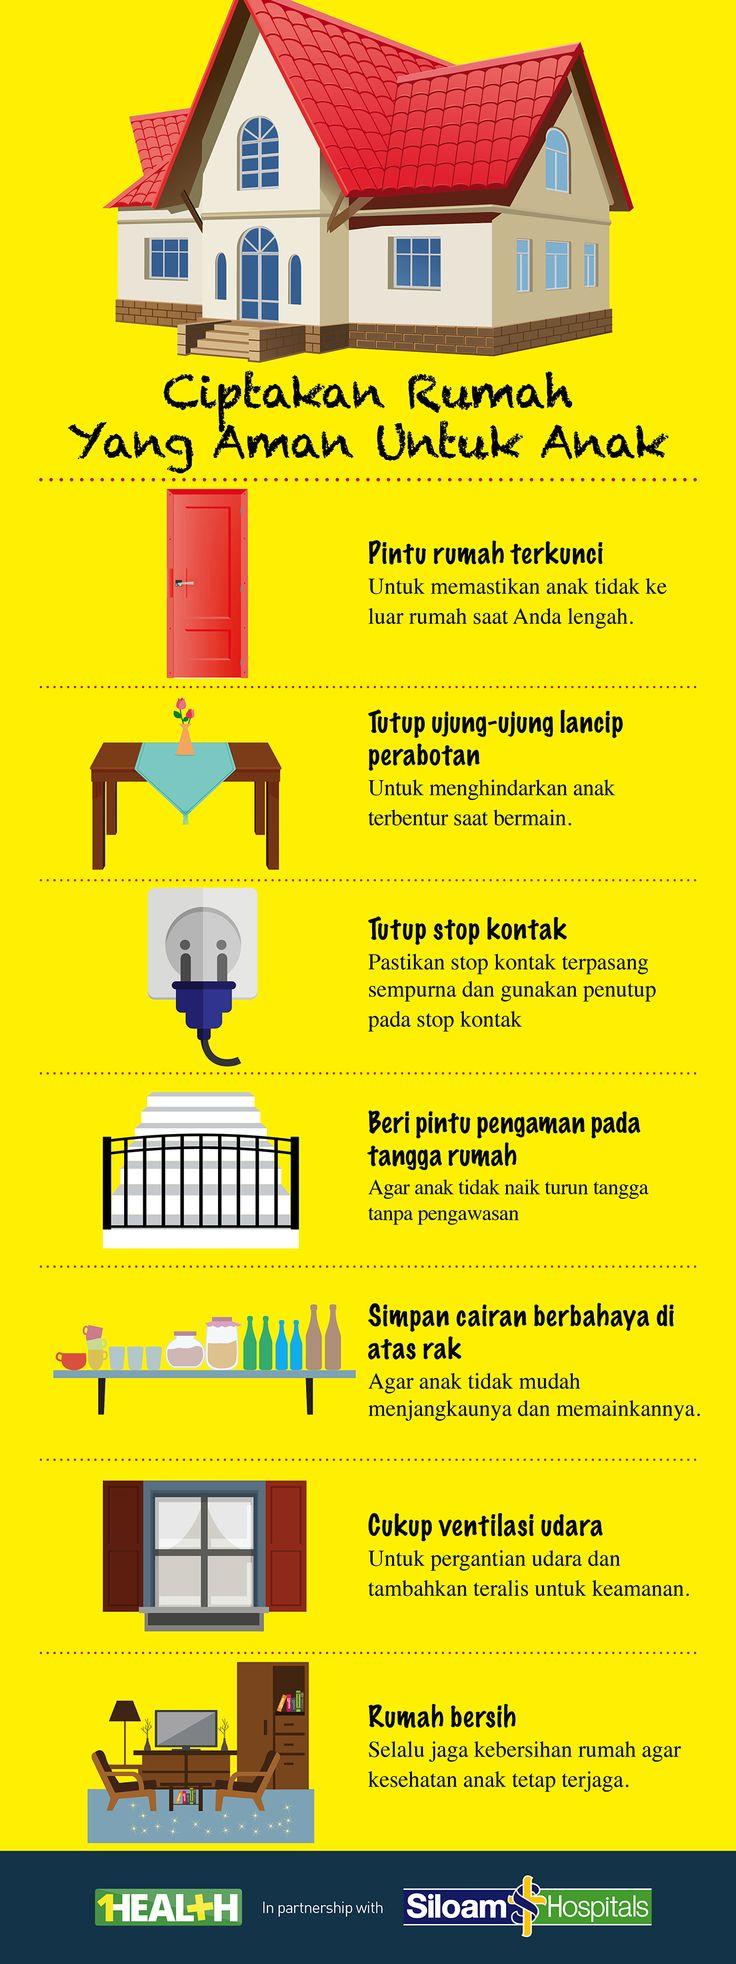 1Health | Infographics : Ciptakan Rumah Yang Aman Untuk Anak